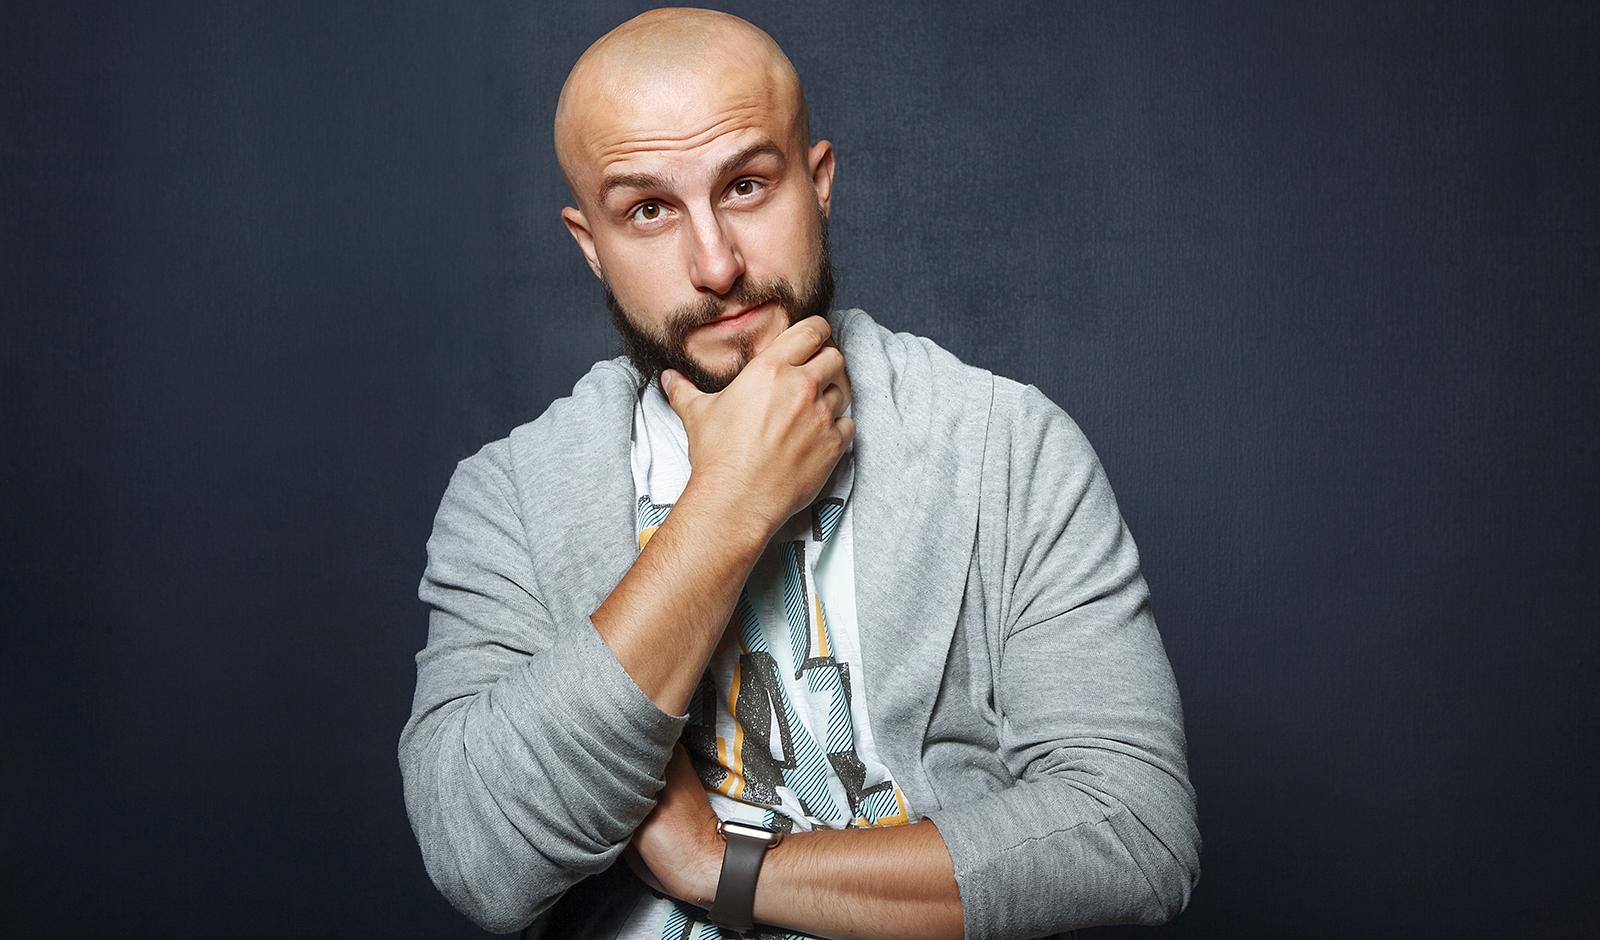 glamorous-smp-latest-style-bald-man-thinking